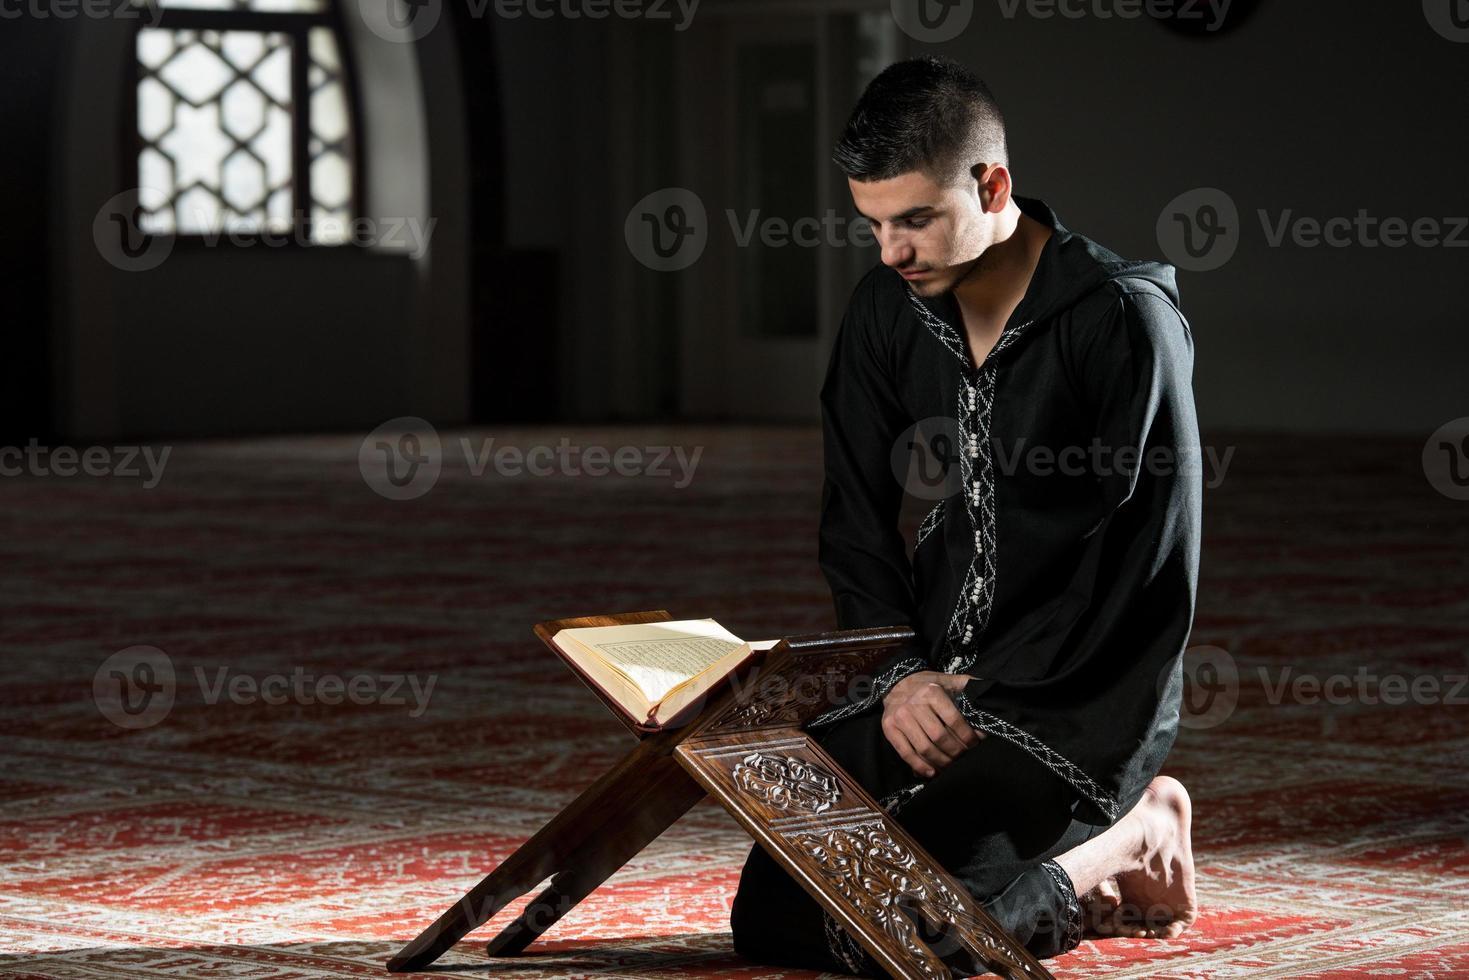 giovane musulmano che legge il Corano foto